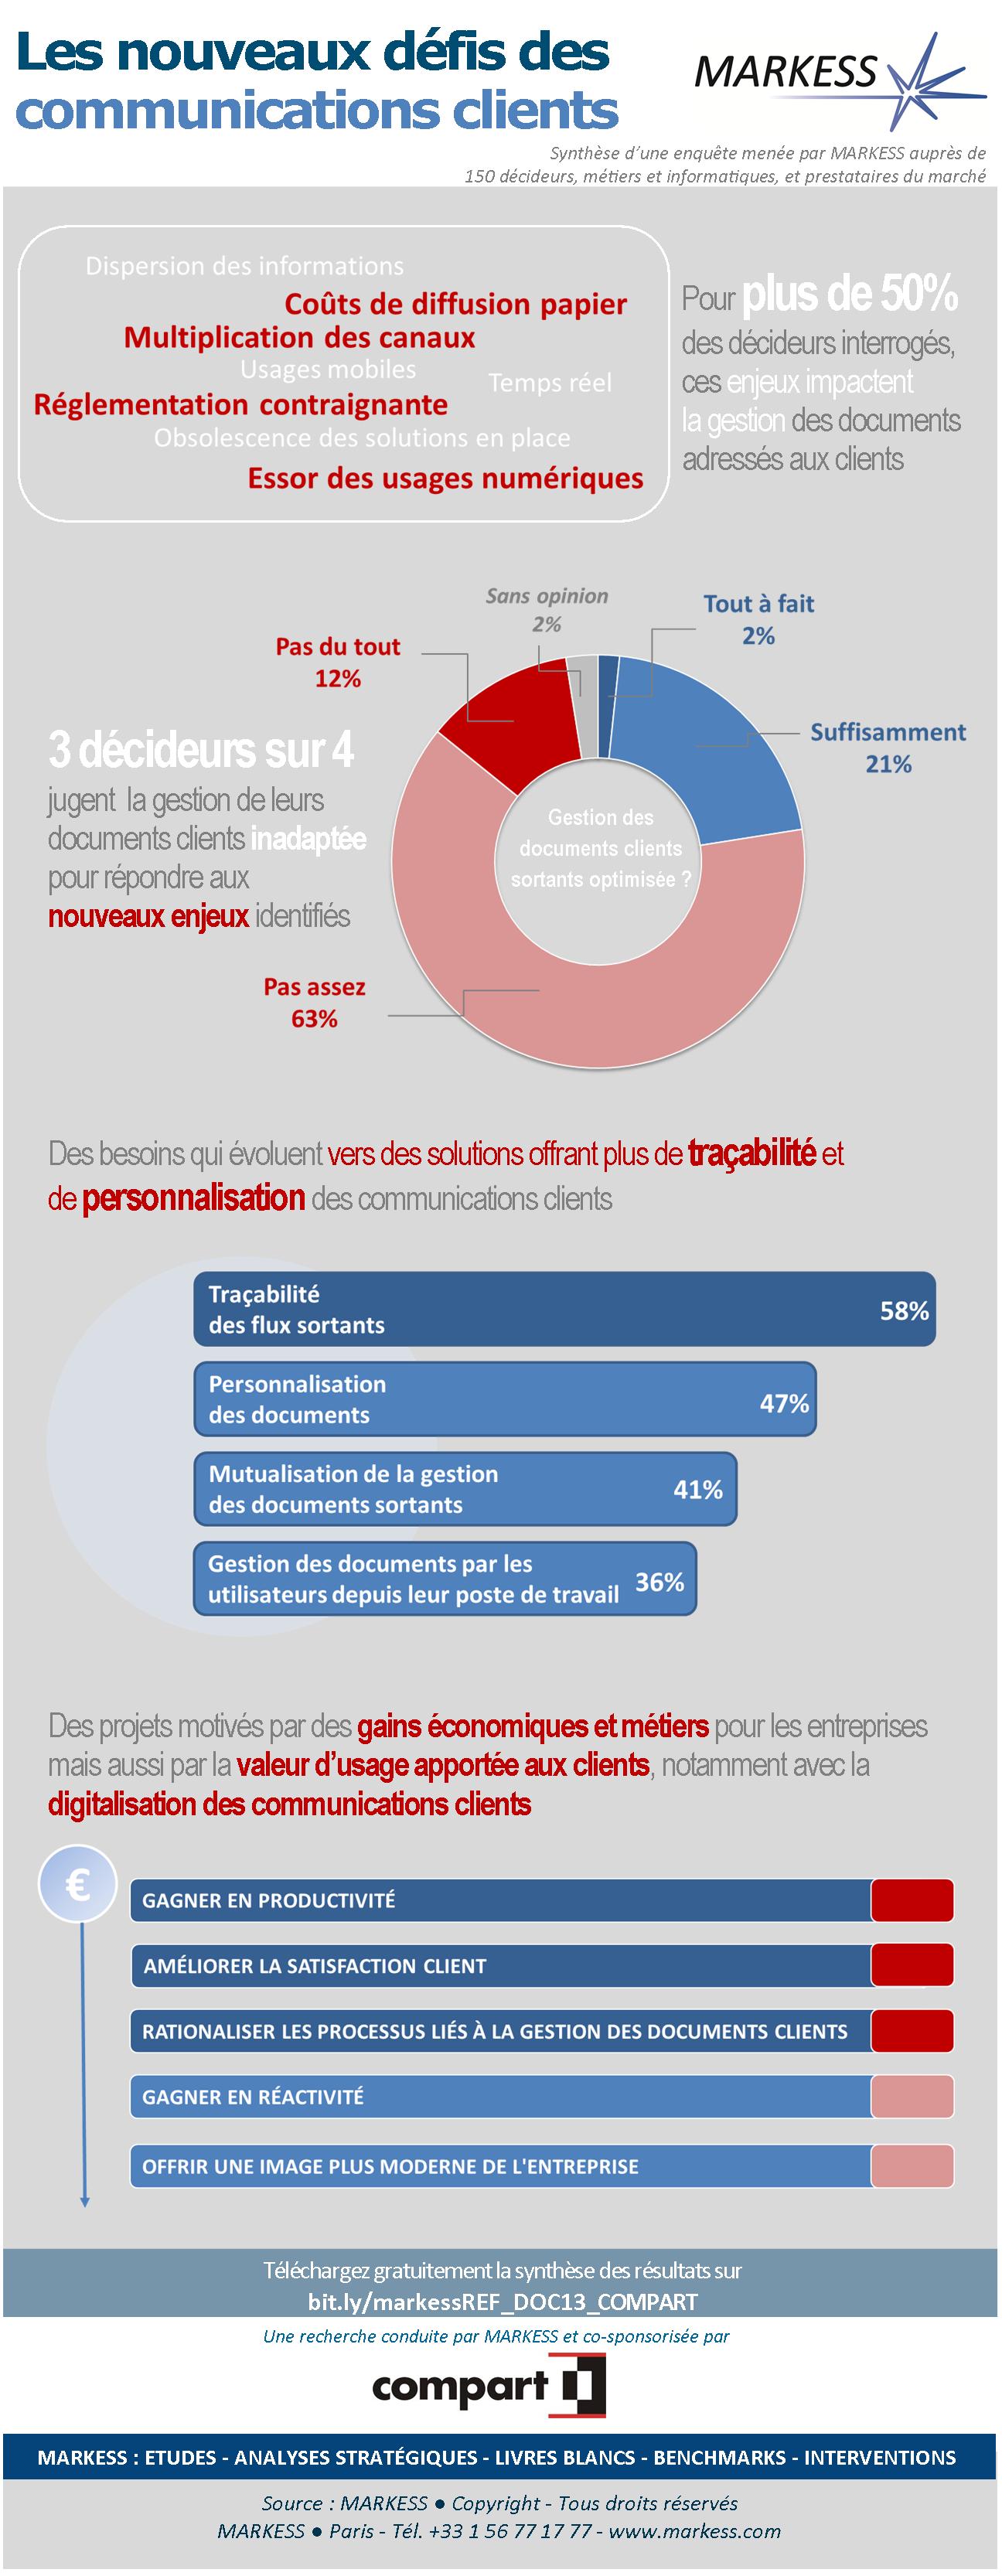 Infographie : Les nouveaux défis des communications clients